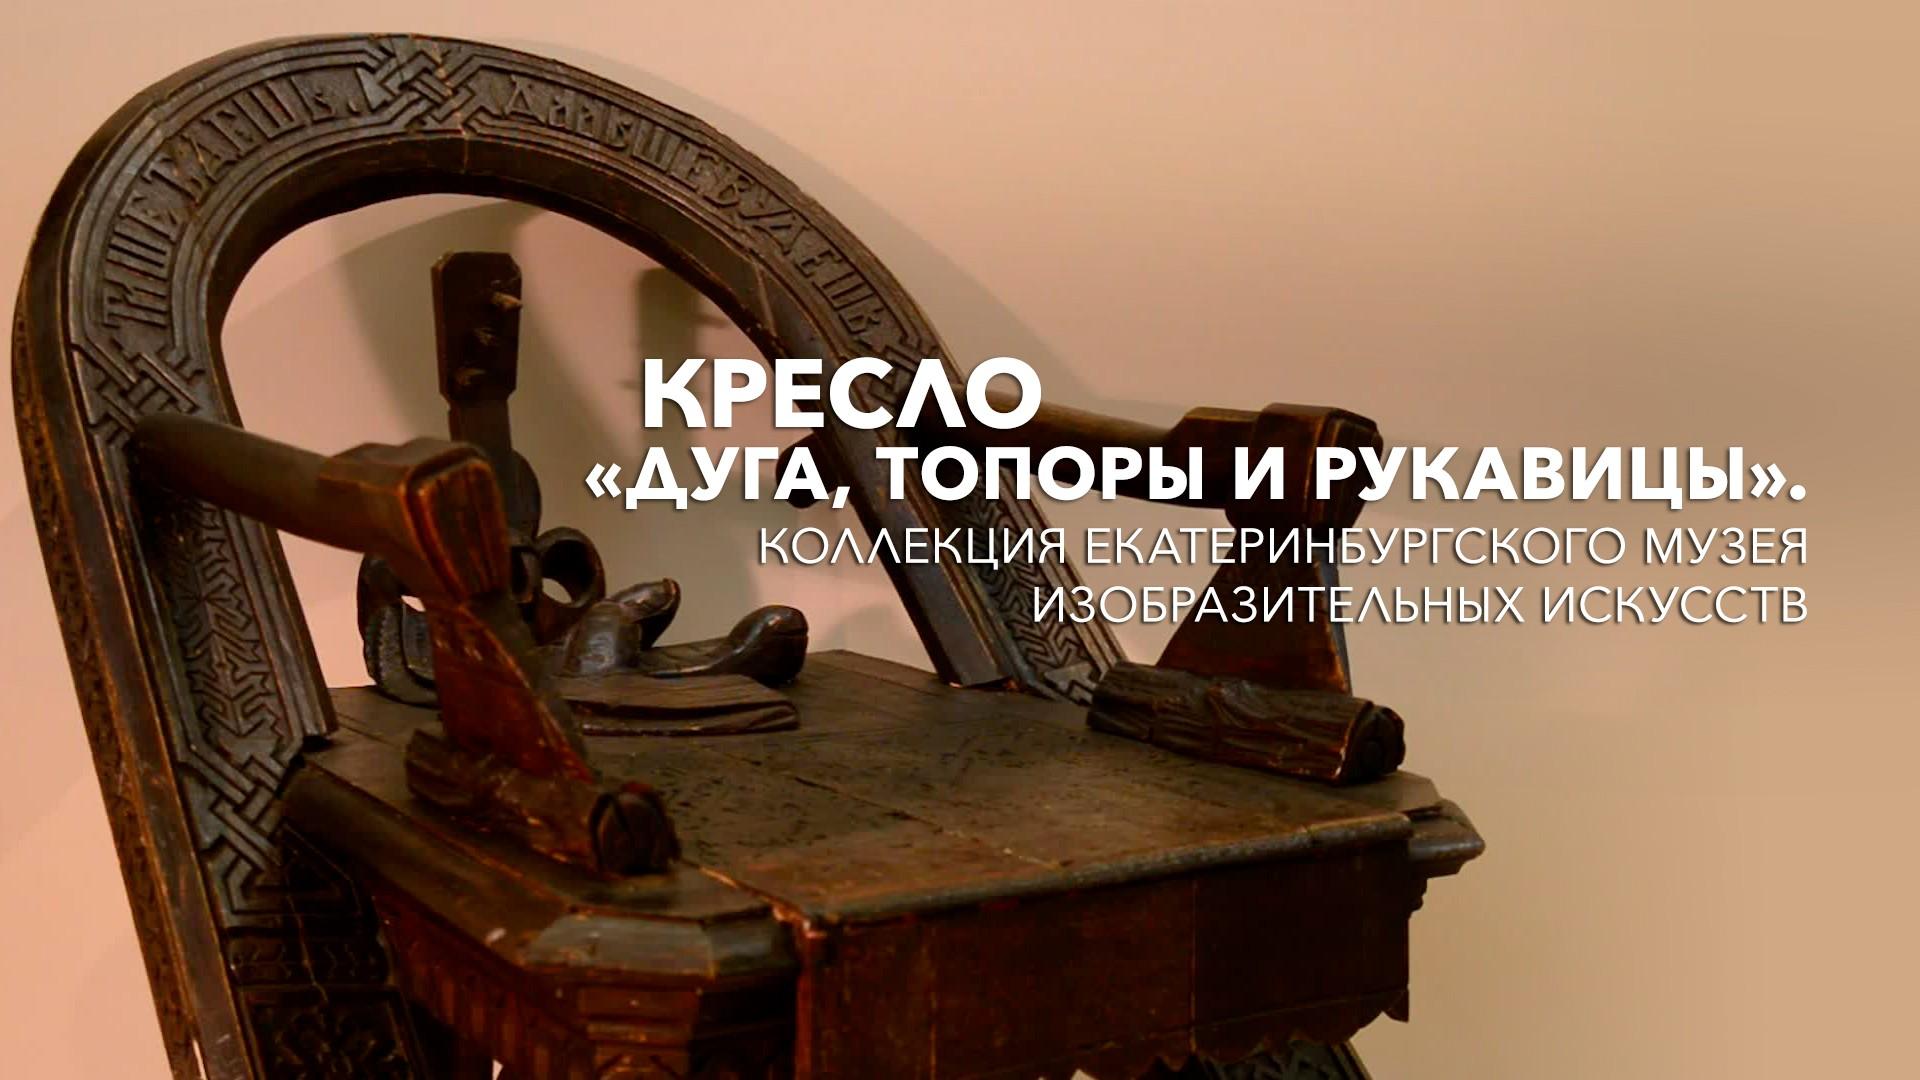 Кресло «Дуга, топоры и рукавицы». Коллекция Екатеринбургского музея изобразительных искусств